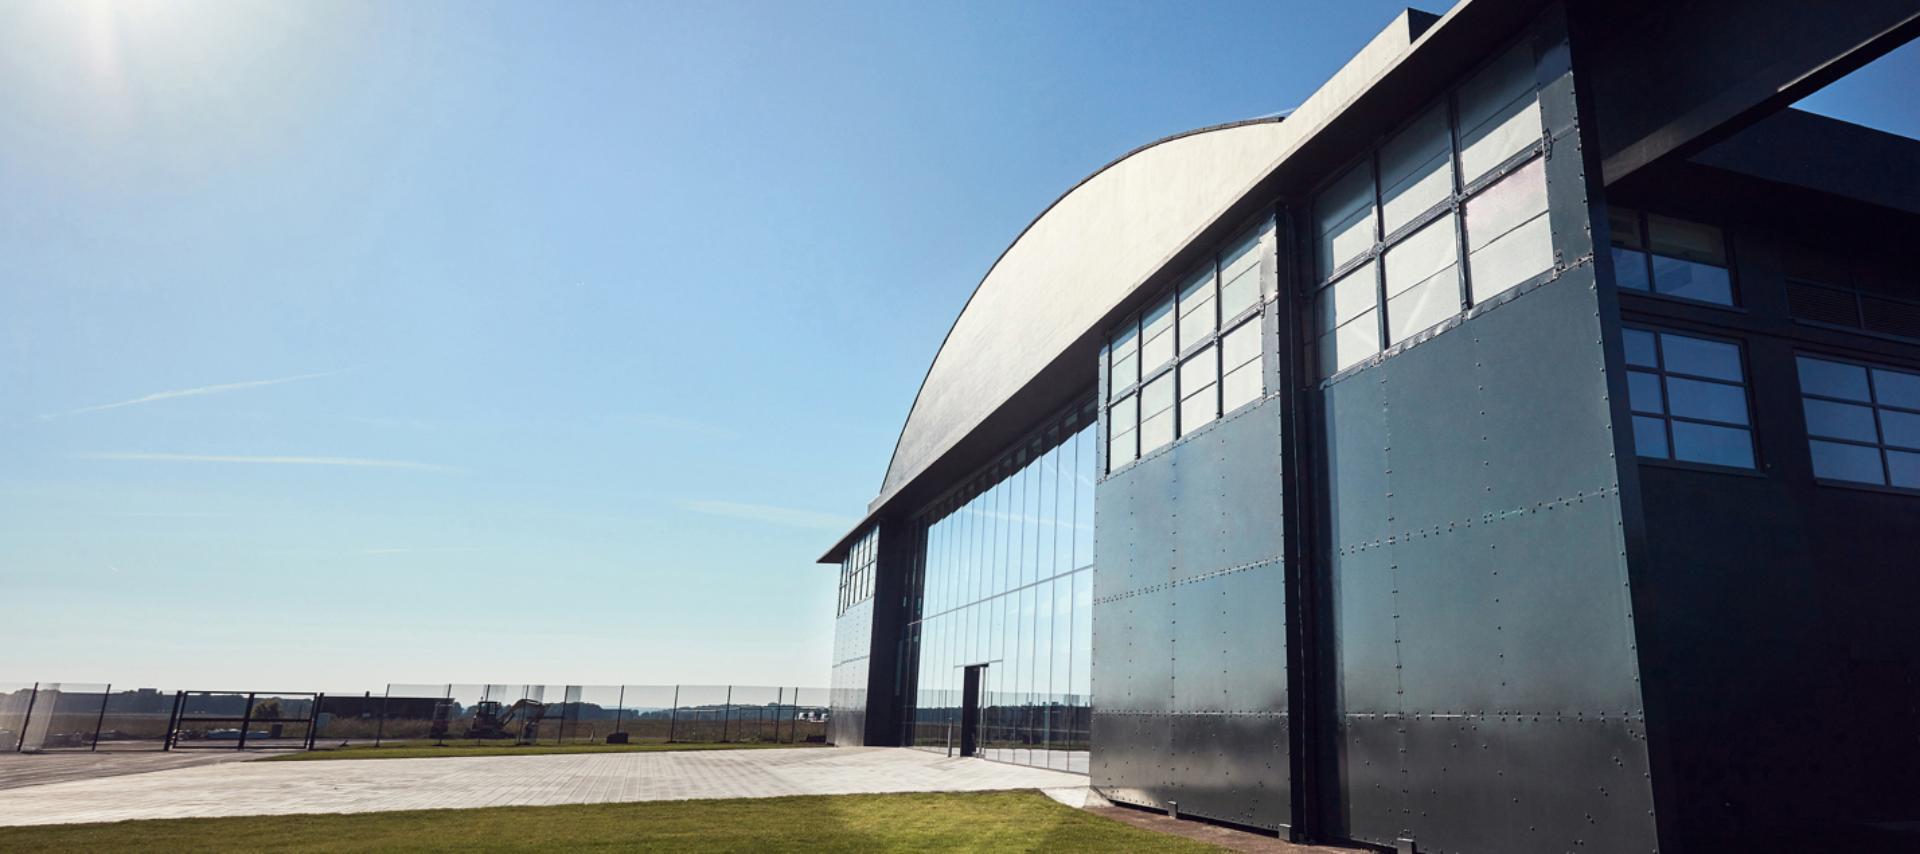 Dyson Hullavington hangar